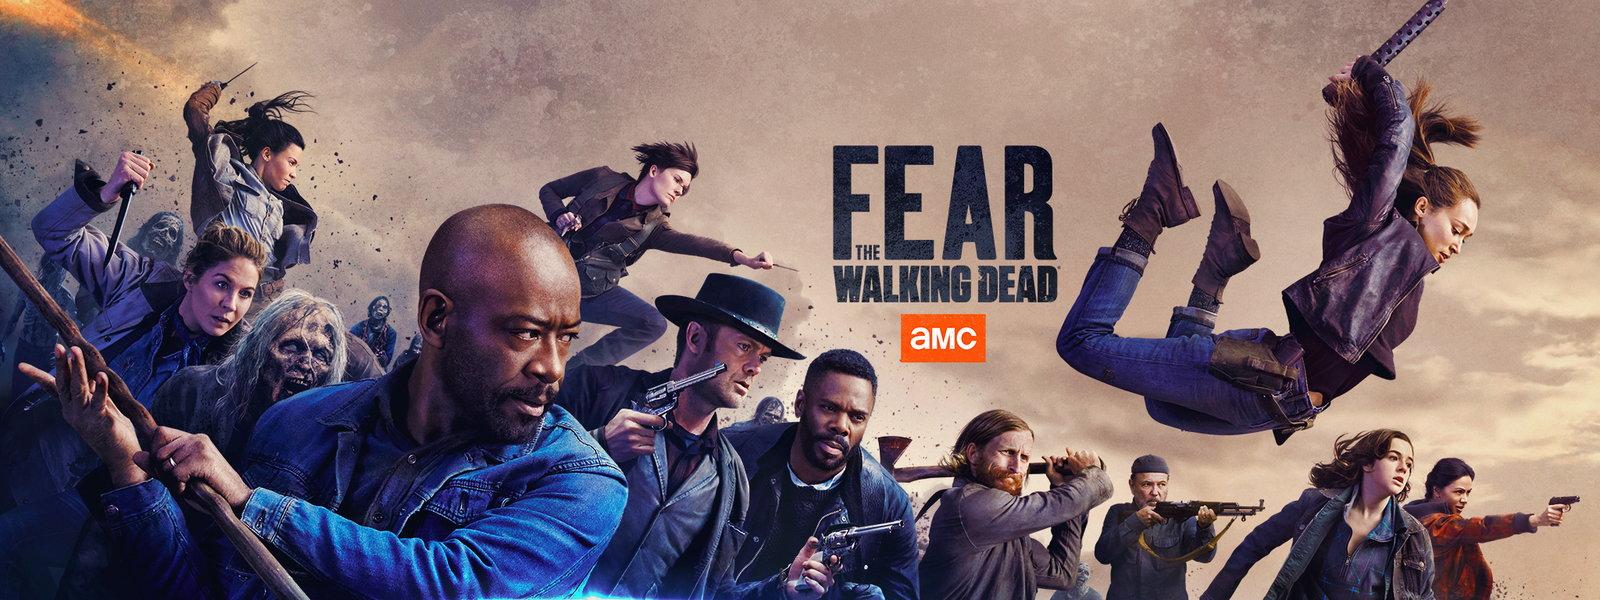 Watch Fear the Walking Dead Online at Hulu